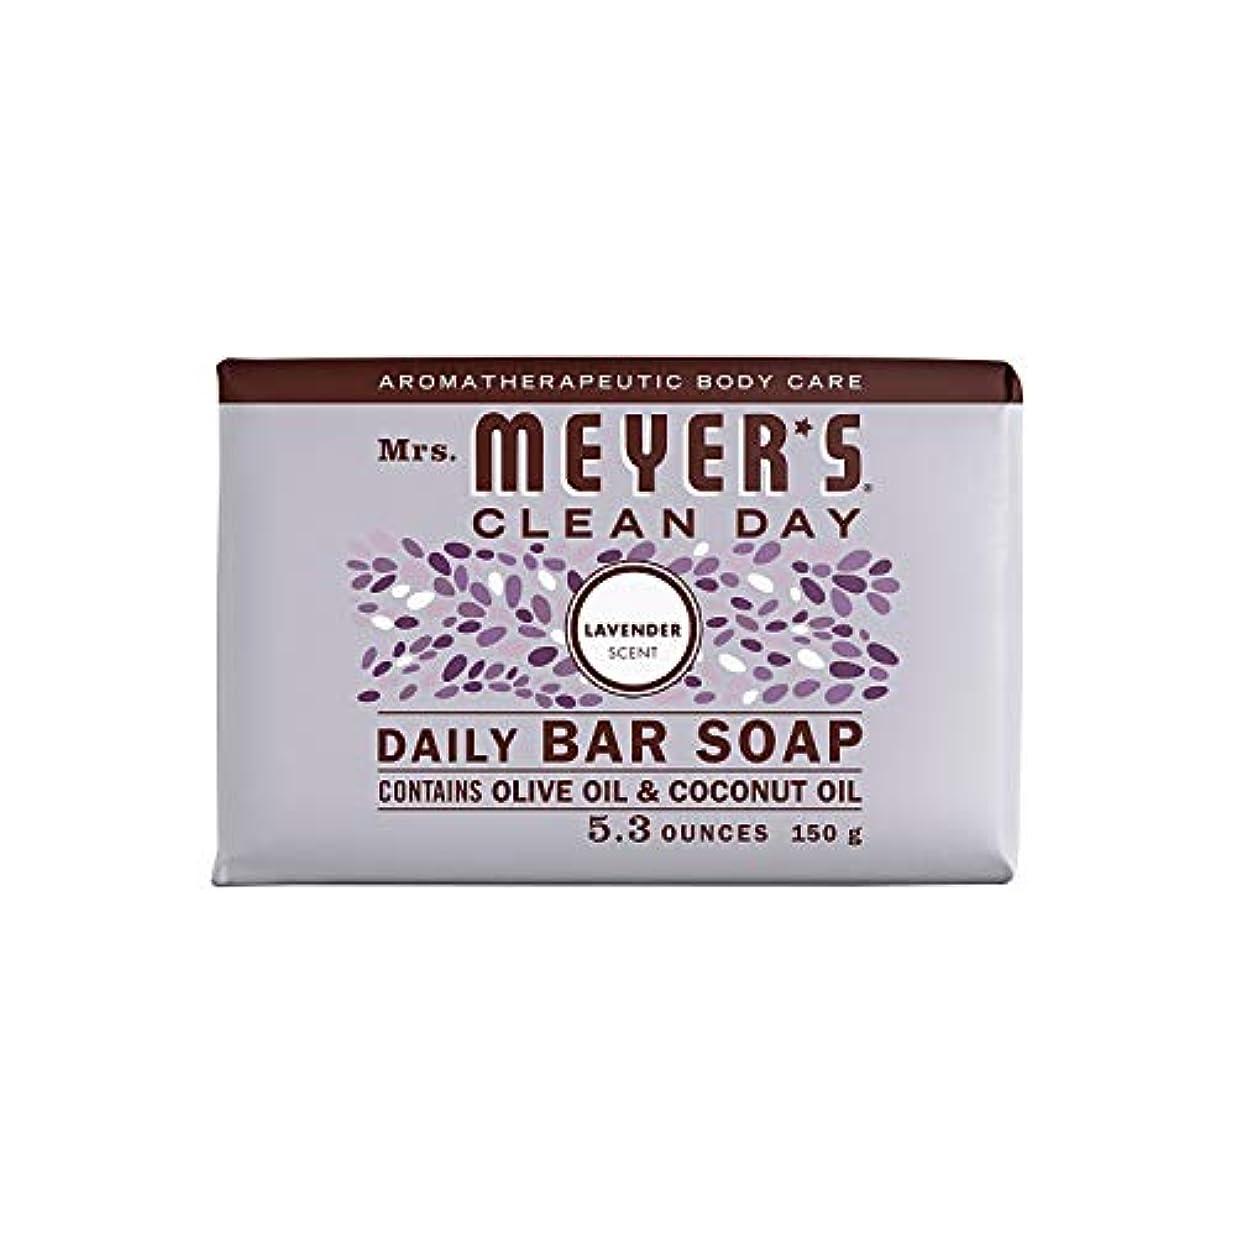 再生バスケットボールクラフトBar Soap - Lavender - 5.3 oz - Case of 12 by Mrs. Meyer's